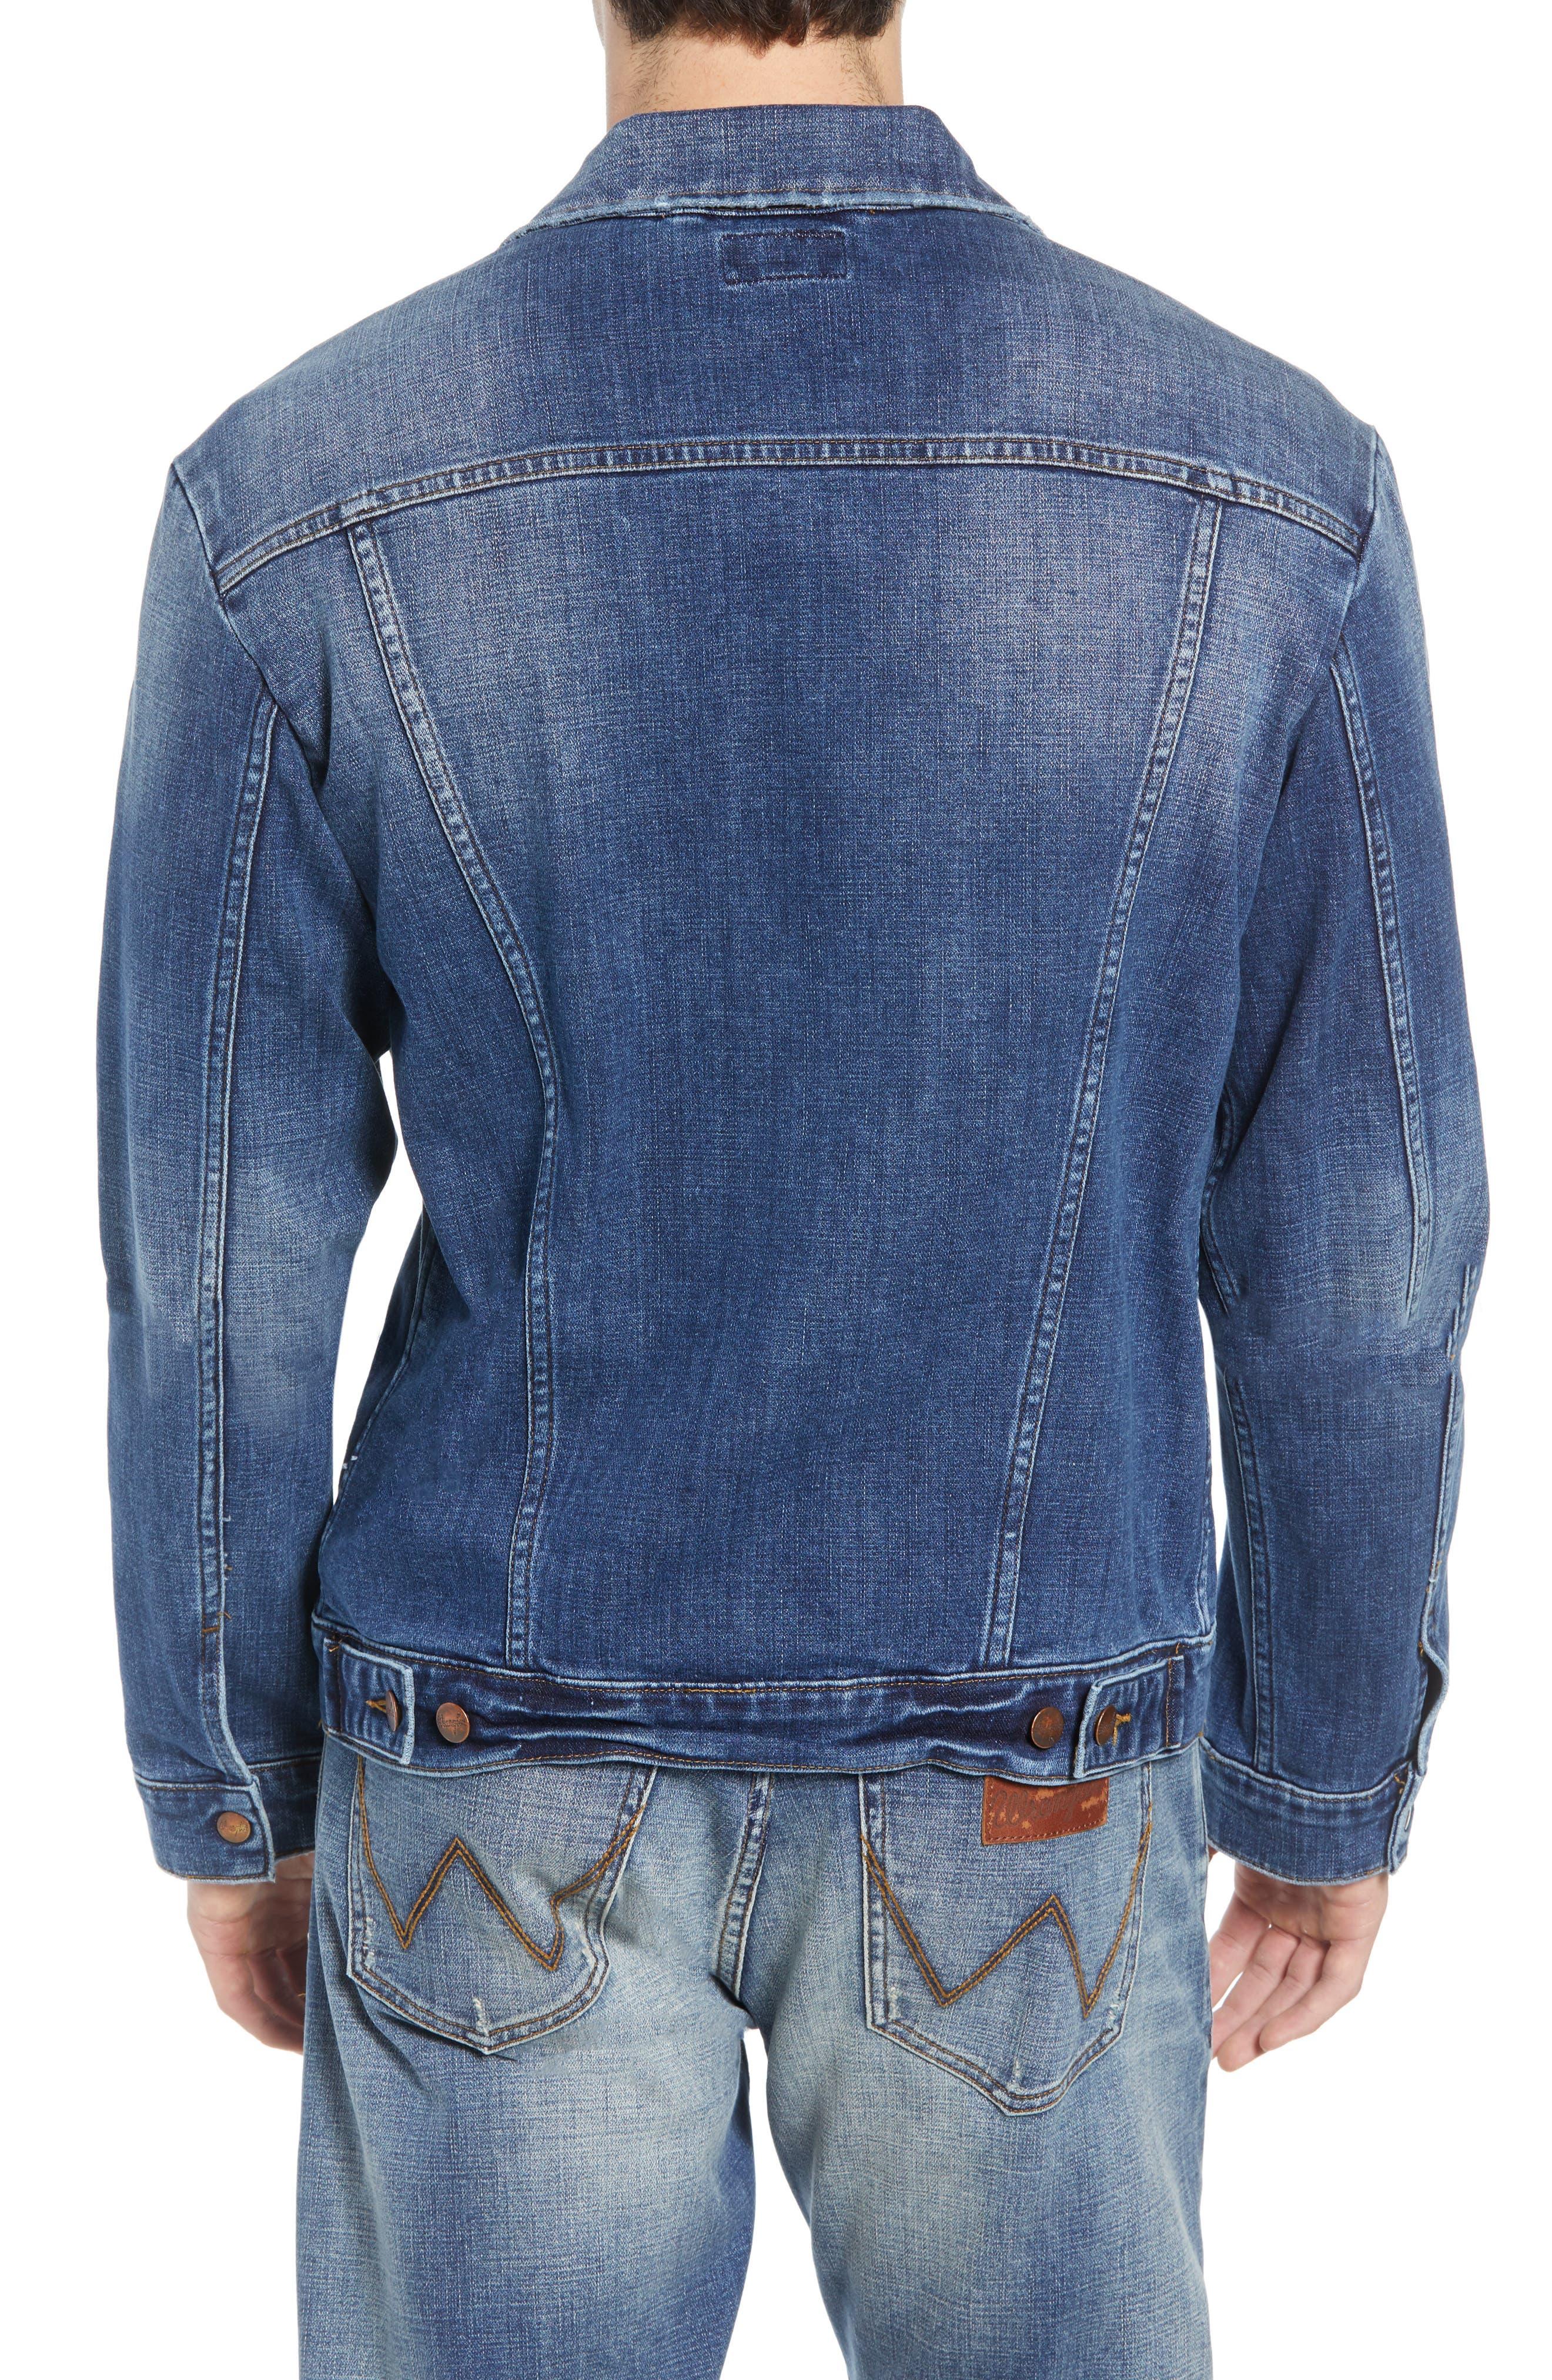 Heritage Pleated Denim Jacket,                             Alternate thumbnail 2, color,                             MID WASH